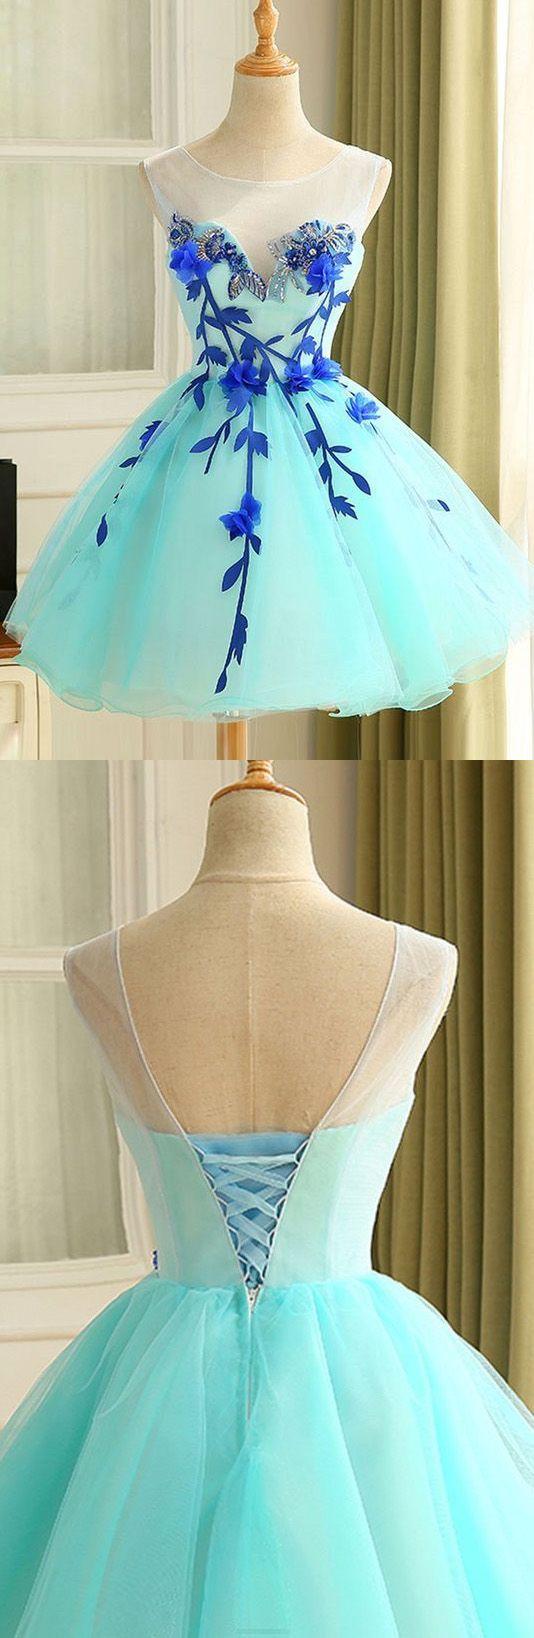 Blue prom dresses prom dresses short prom dresses blue